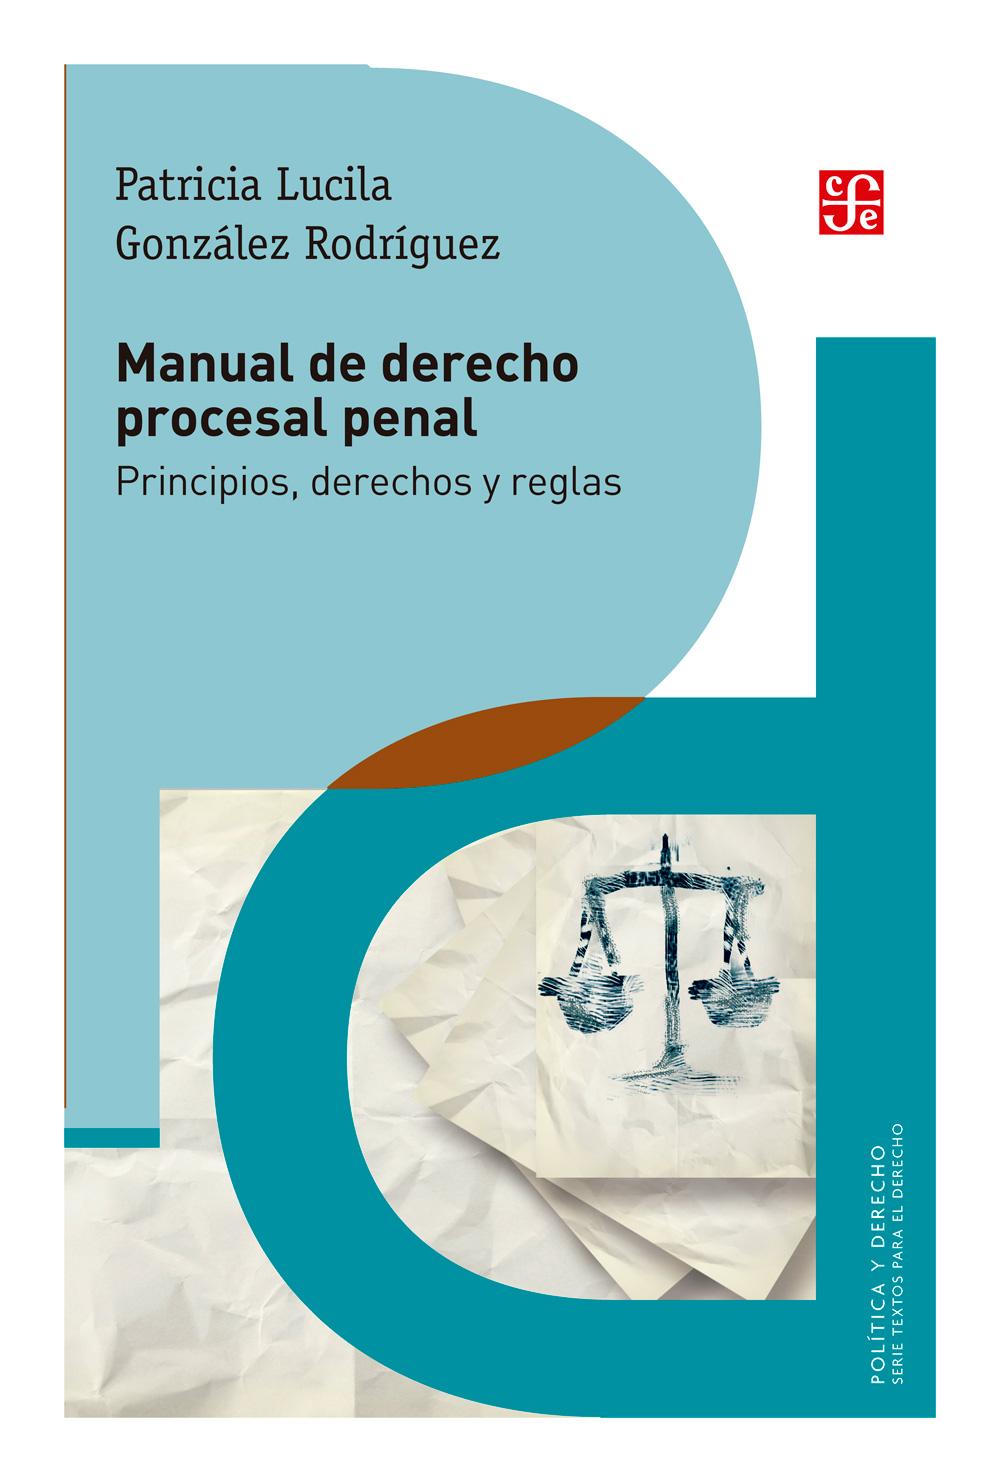 Manual de Derecho Procesal Penal. Principios, derechos y reglas